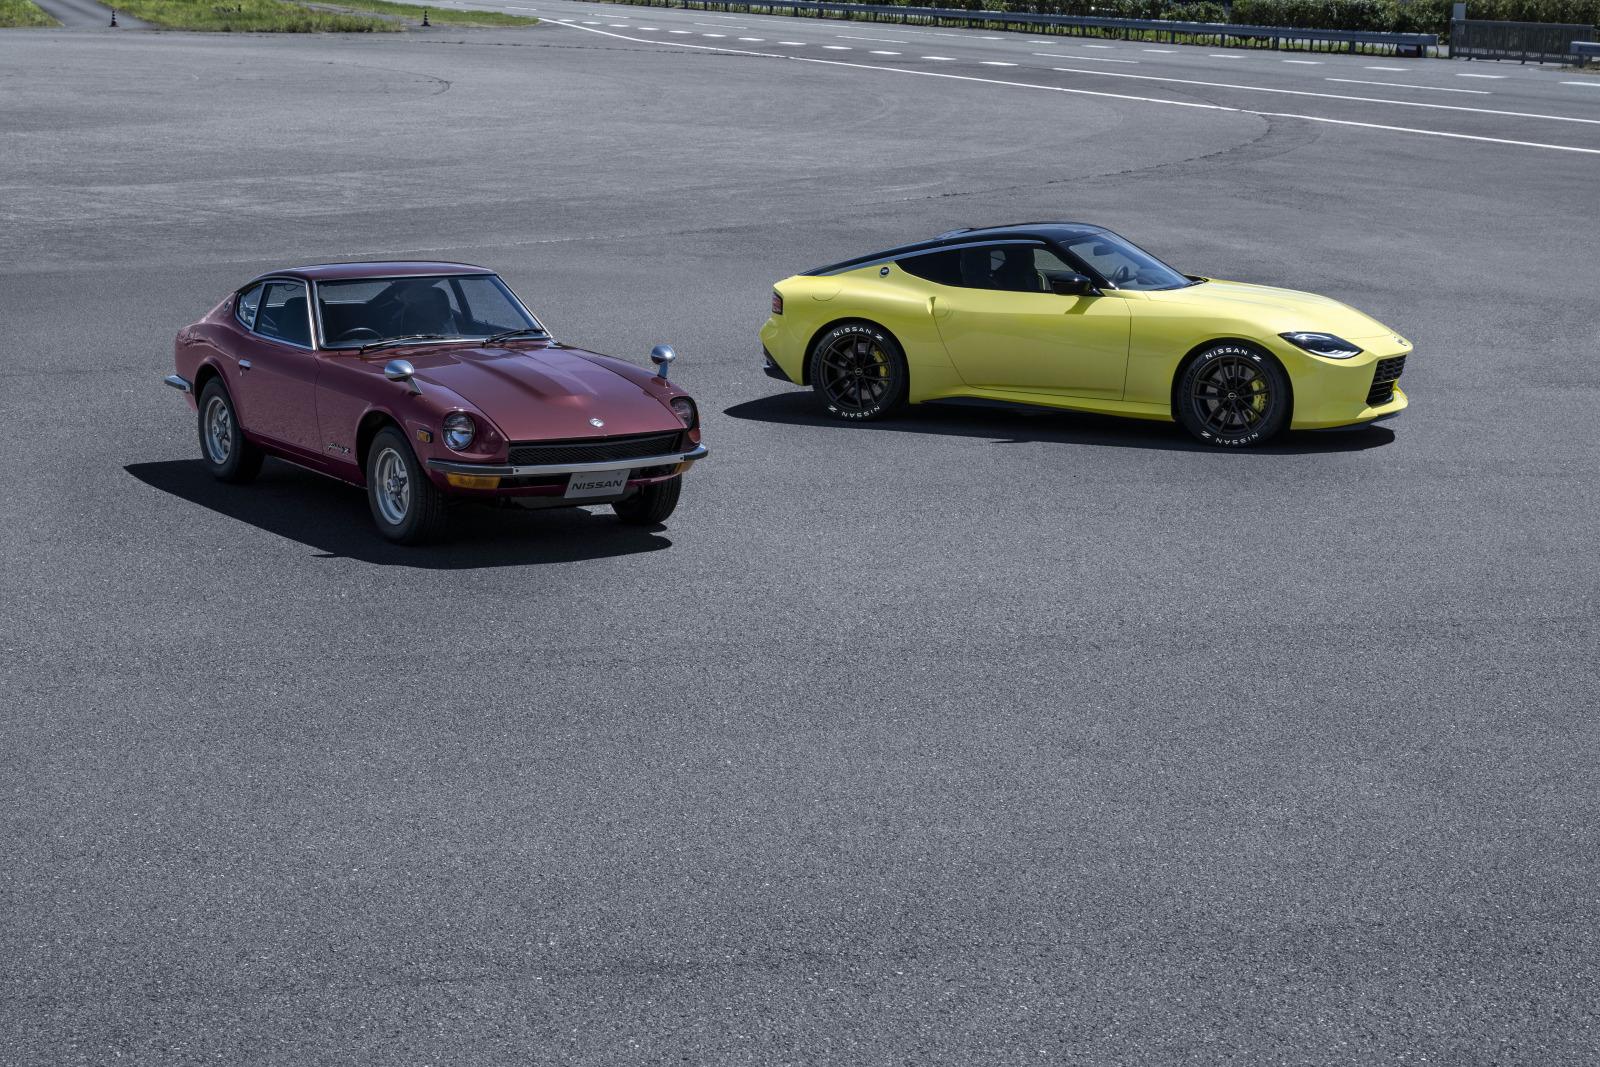 「日産、環境の時代&スポーツカー氷河期の中、なぜフェアレディZプロトタイプを発表したのか?」の25枚目の画像